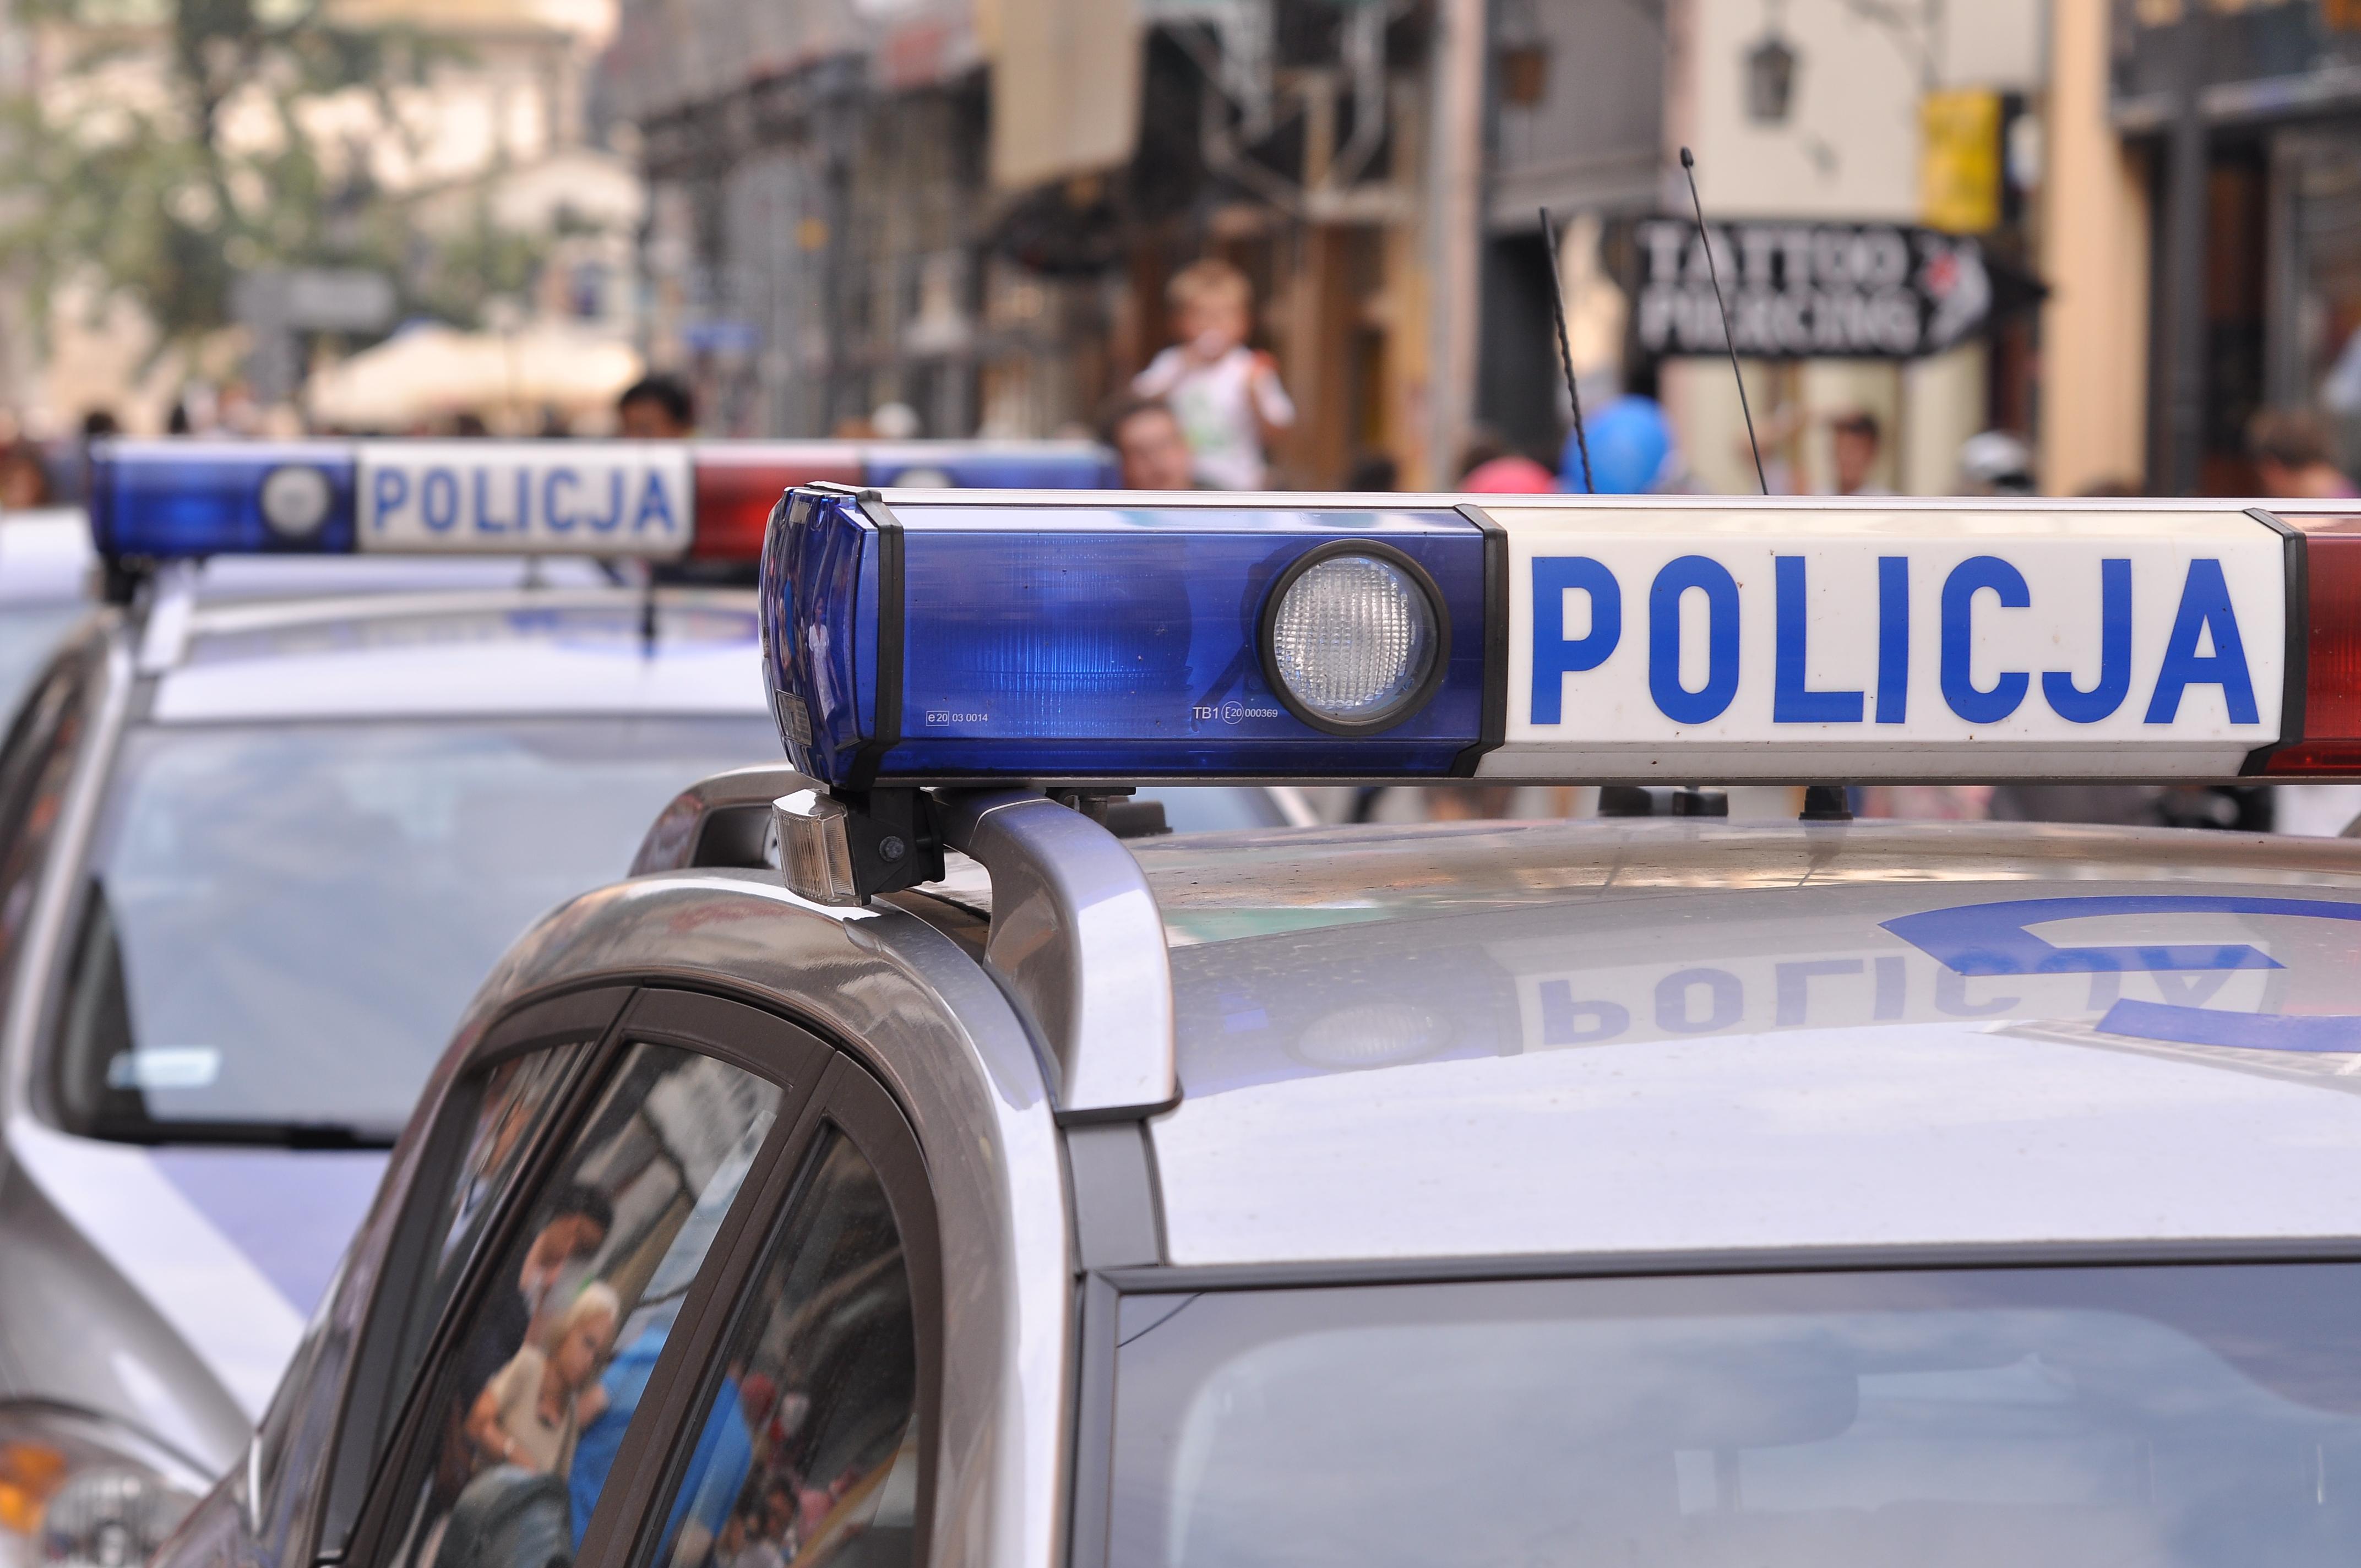 Policjanci zatrzymali dwóch chuliganów, którzy uszkodzili kilkanaście samochodów